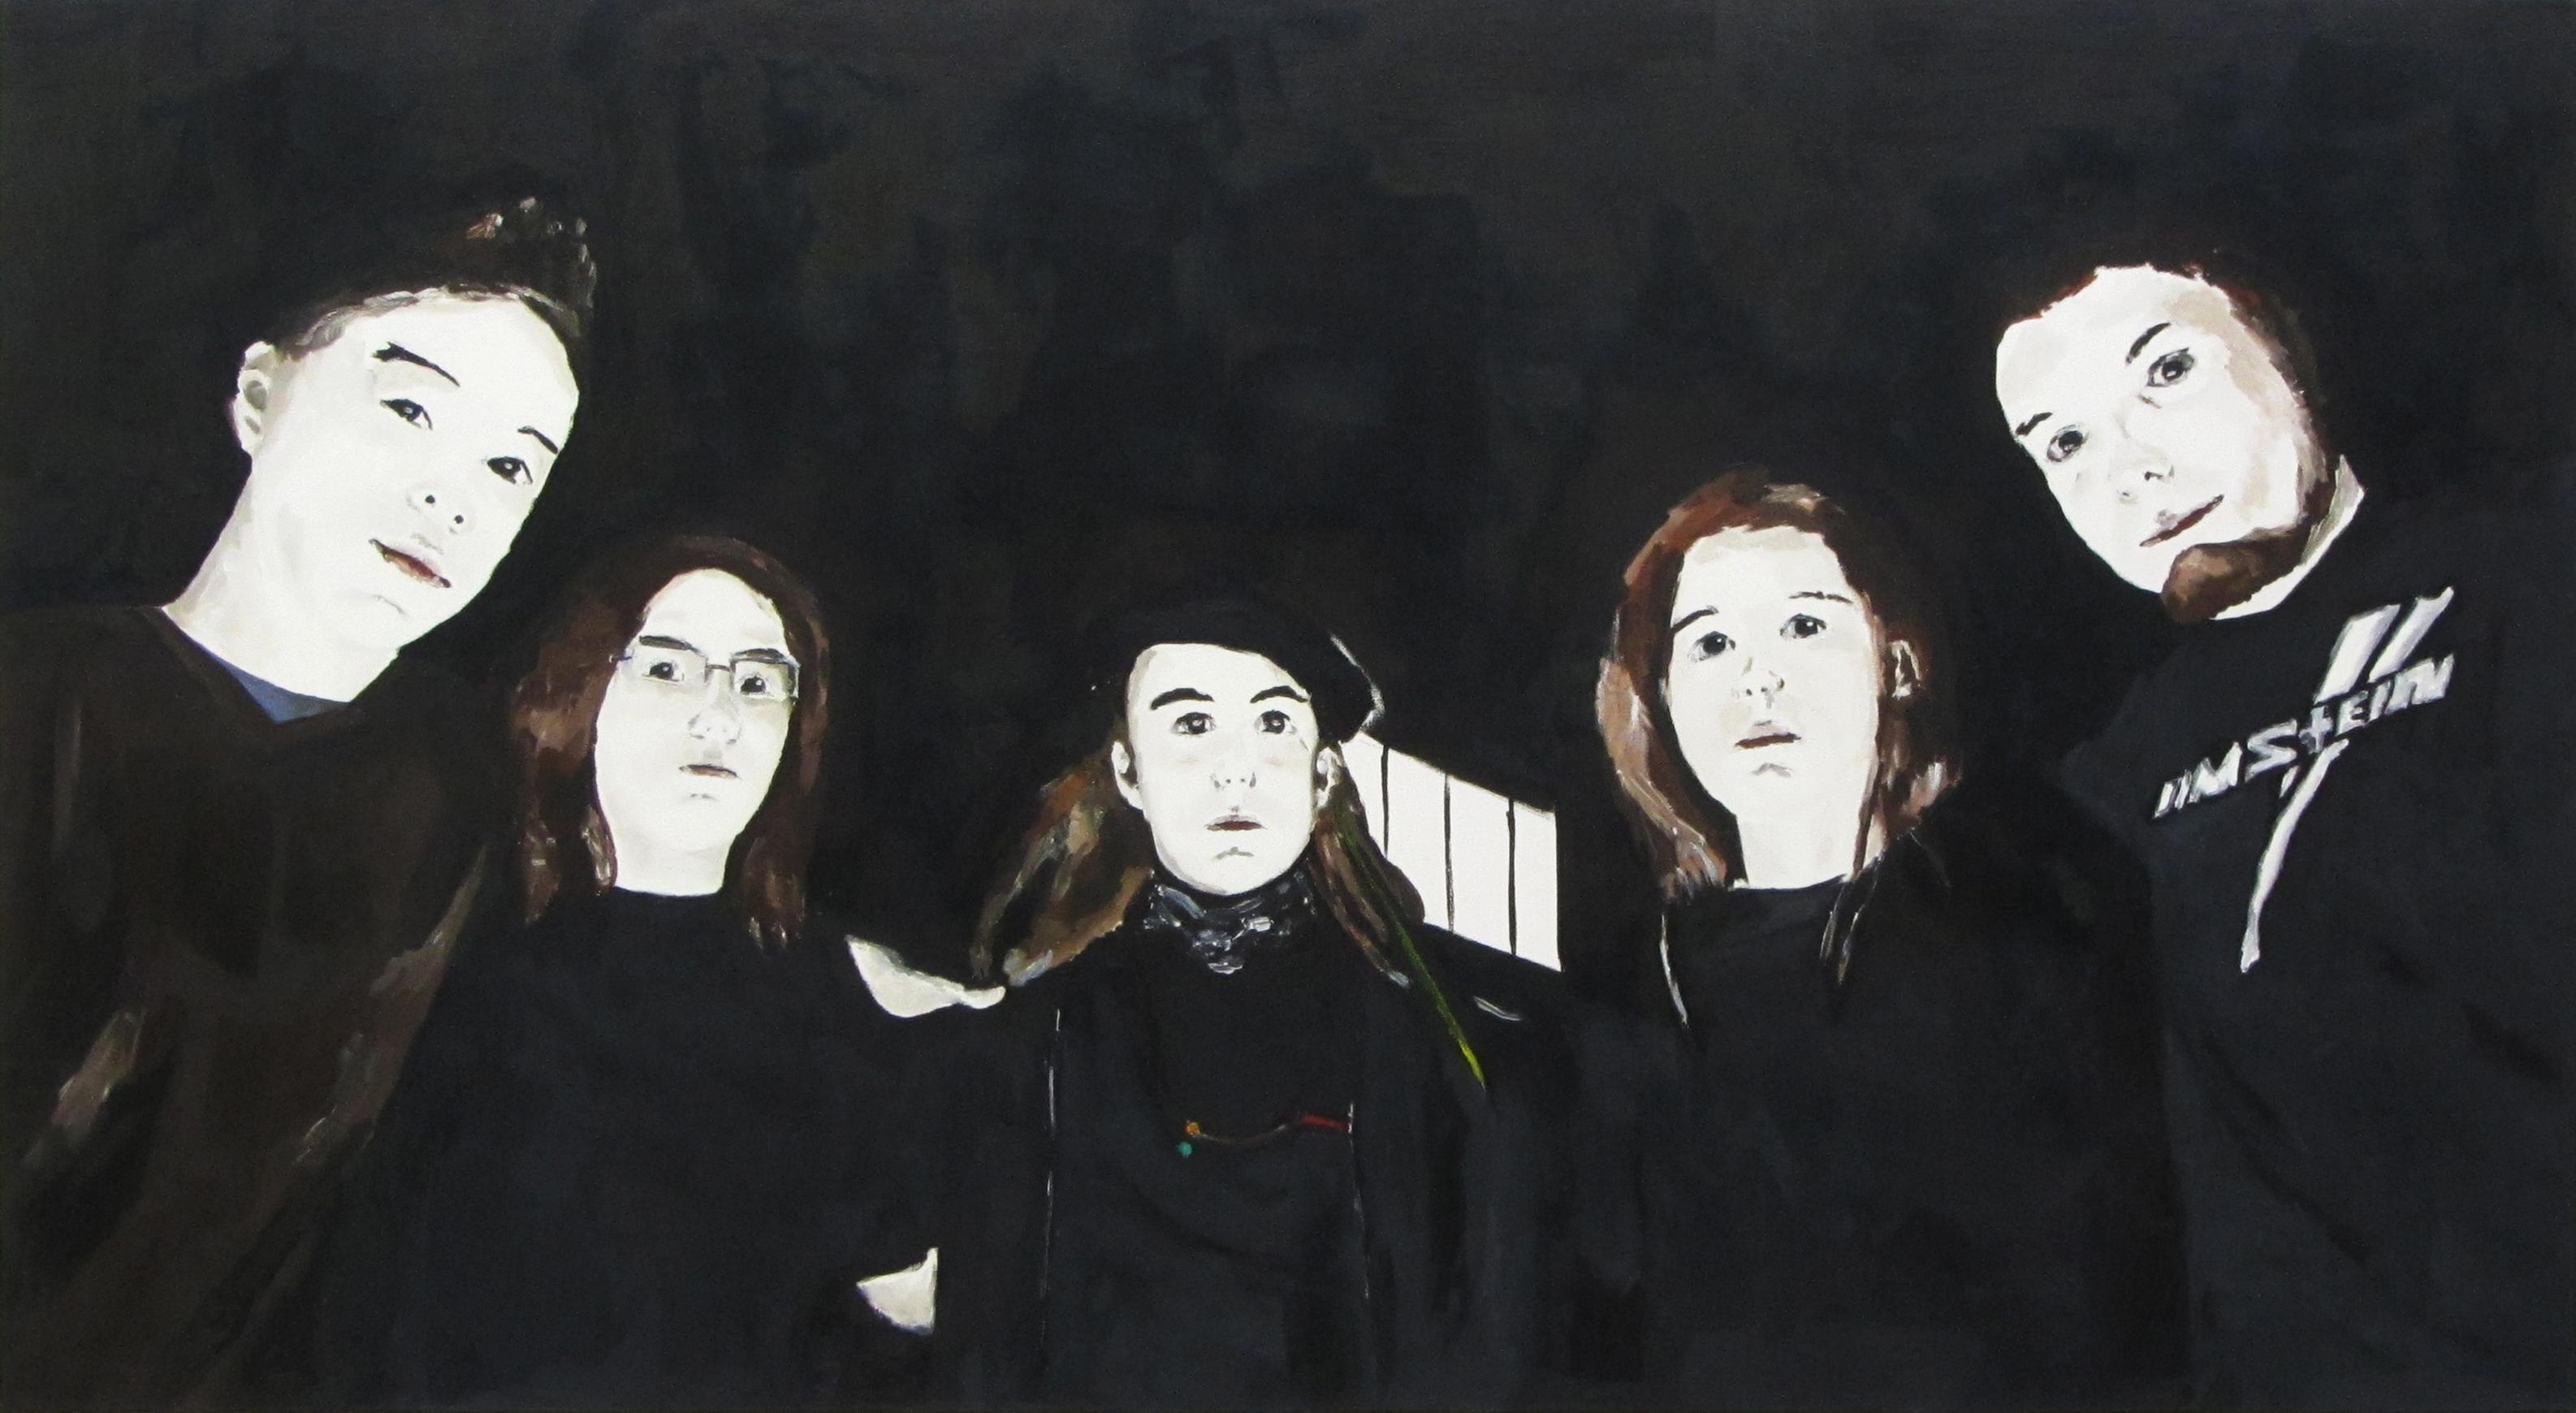 Ohne Titel | 100 x 170 cm | 2011 | Öl auf Leinwand